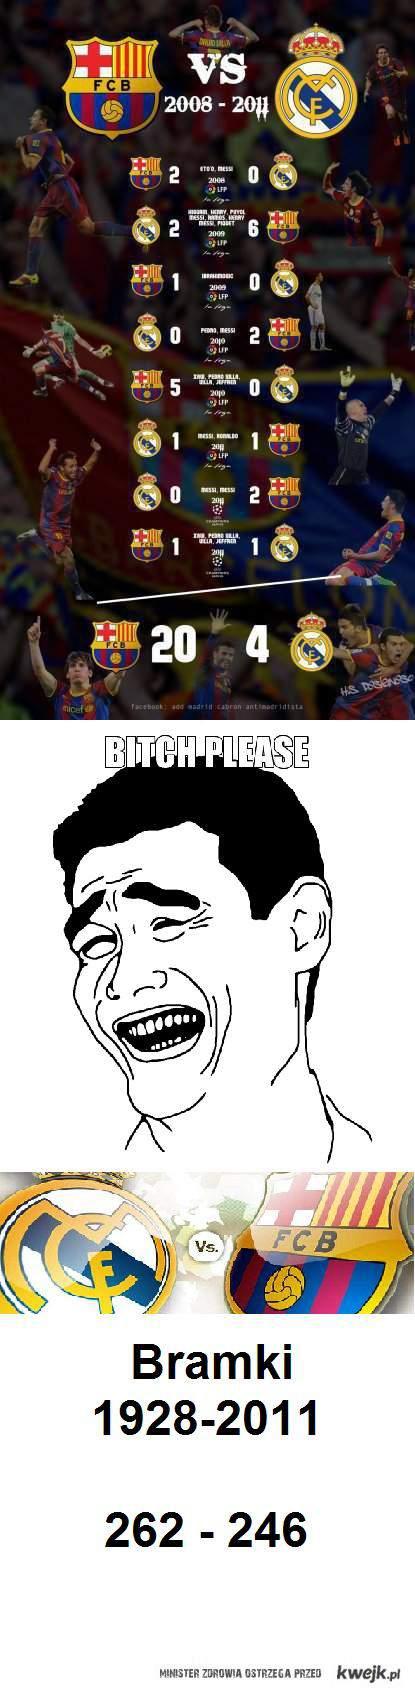 Real vs barcelona